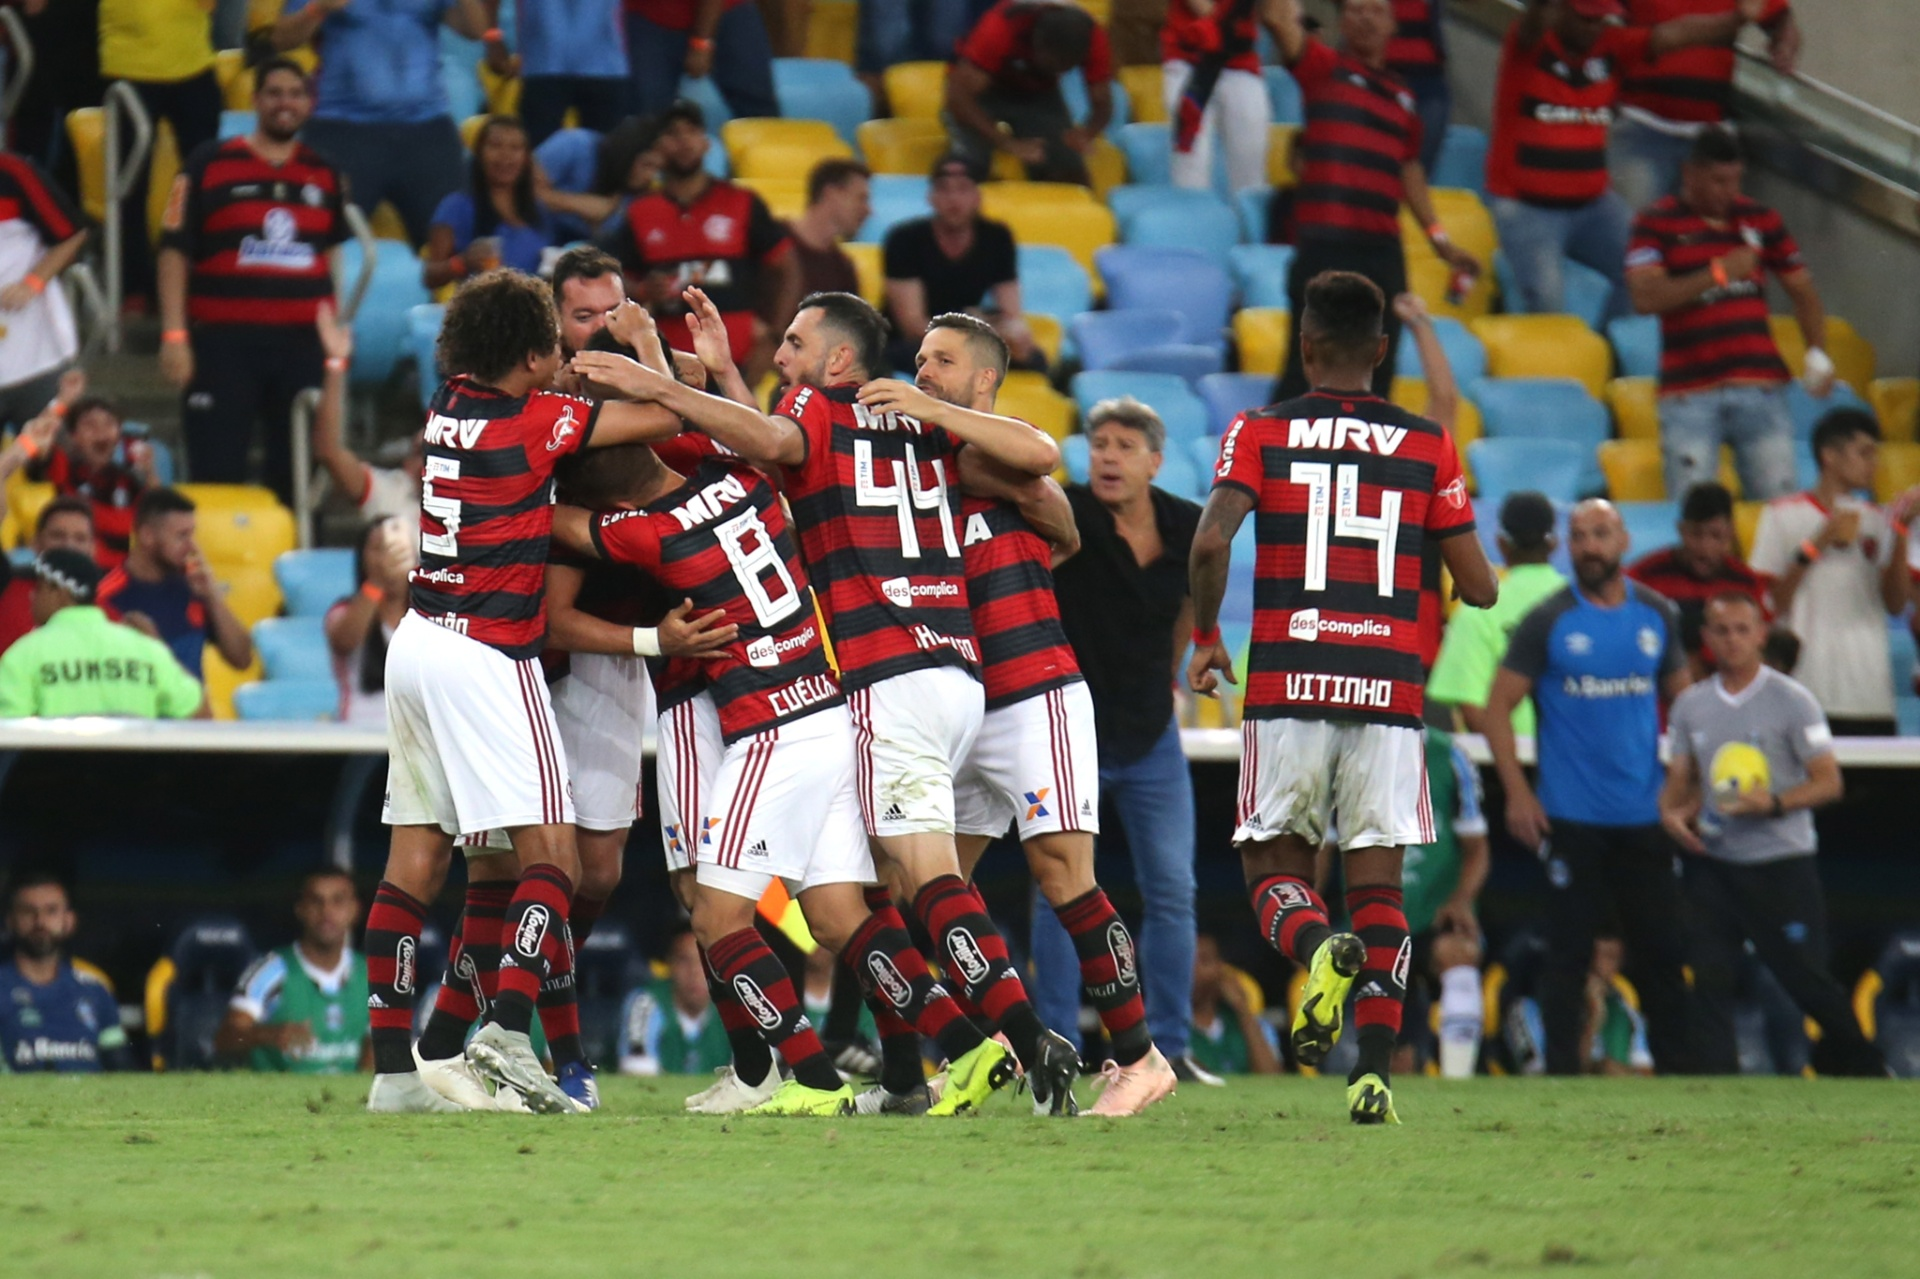 Fla vence Grêmio e se mantém vivo em disputa de título com Palmeiras -  21 11 2018 - UOL Esporte 8c42d0eb5ffa9